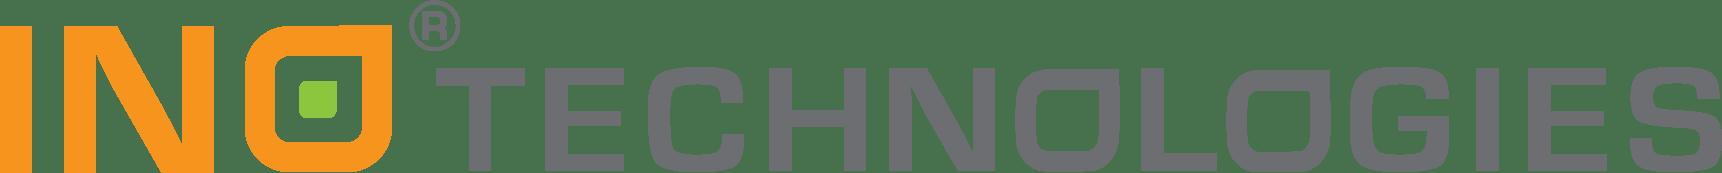 INO® Technologies-2